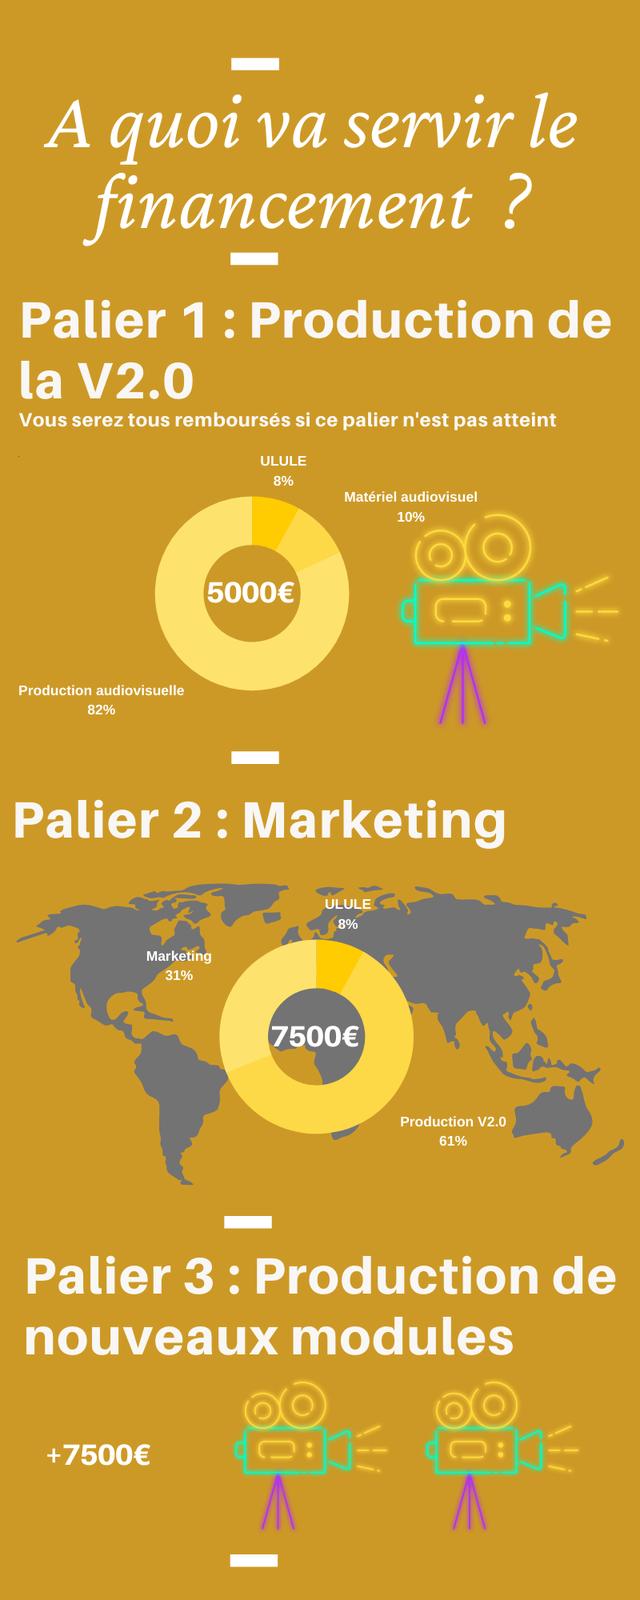 A quor va server le financement 2 Palier 1 : Production de la V2.0 Vous serez tous rembourses si ce palier n'est pas atteint ULULE 8% Materiel audiovisue 10% 5000E Production audiovisuelle 82% Palier 2: Marketing ULULE 8% Marketing 31% 7500E Production V2.0 61% Palier 3 : Production de nouveaux modules +7500E